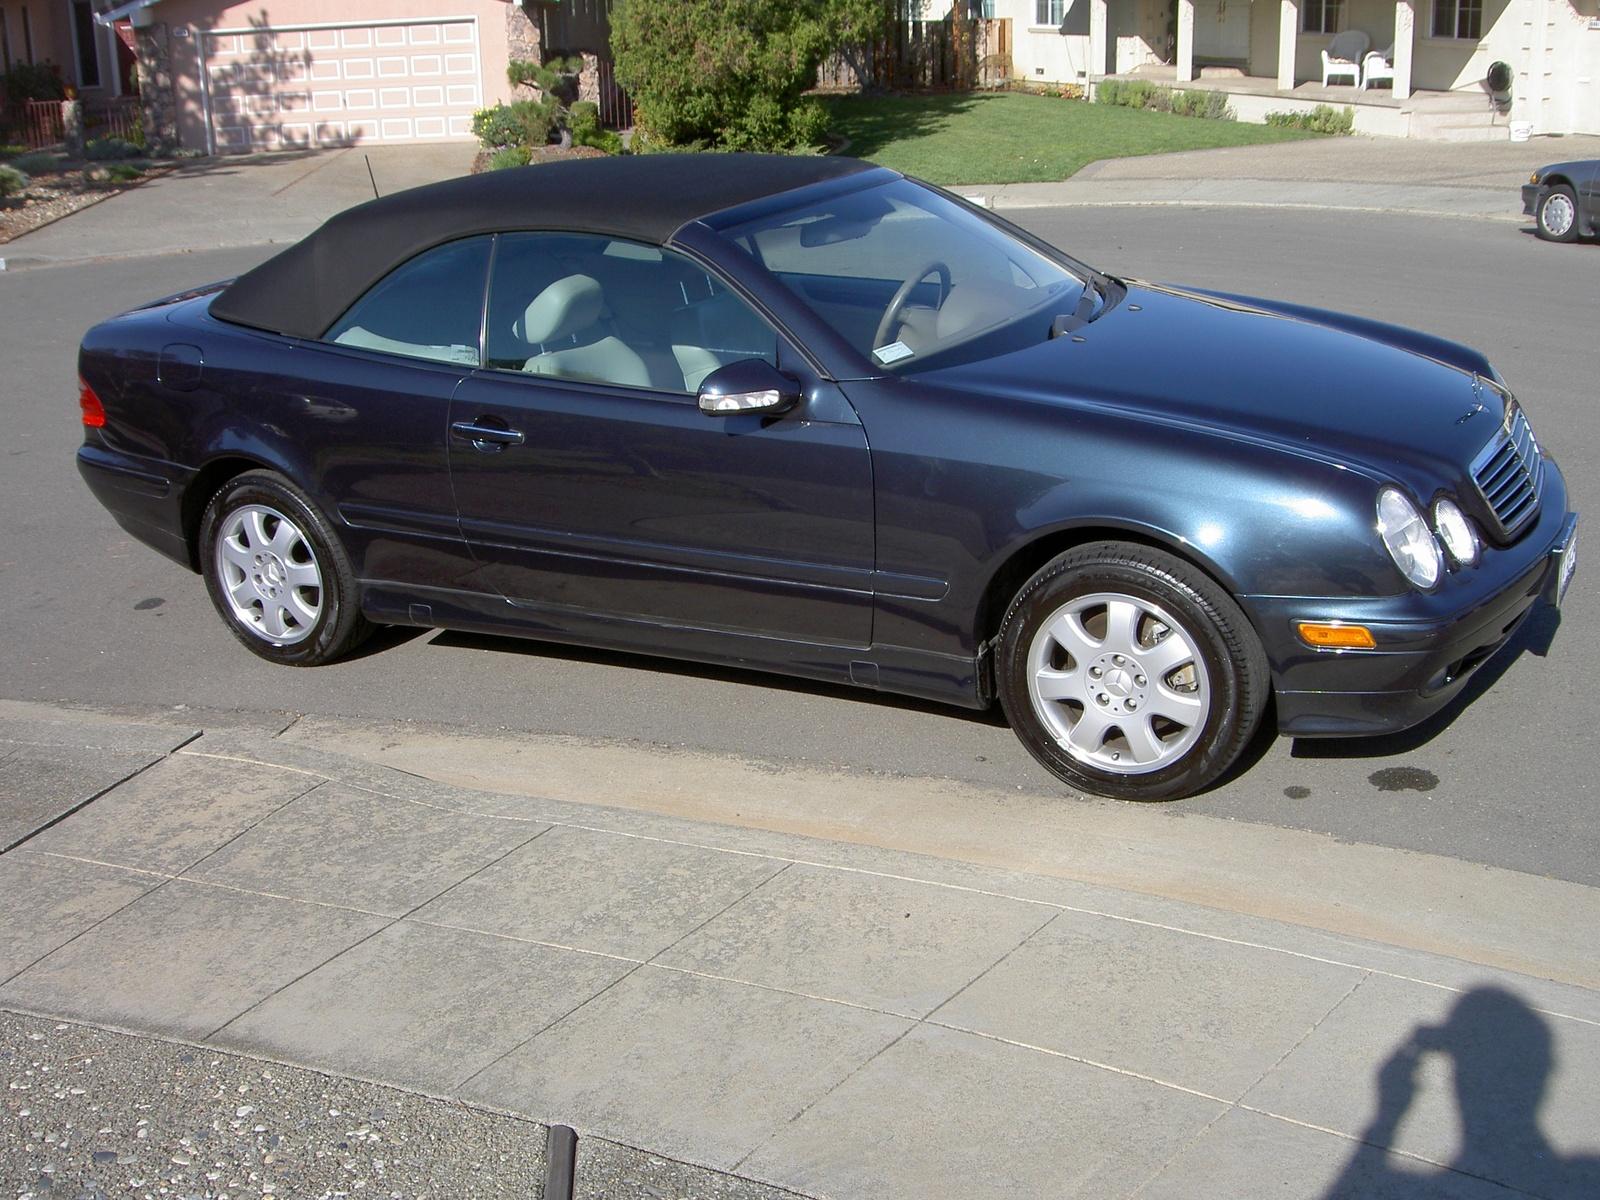 2001 mercedes benz clk class clk320 convertible for 2001 mercedes benz clk320